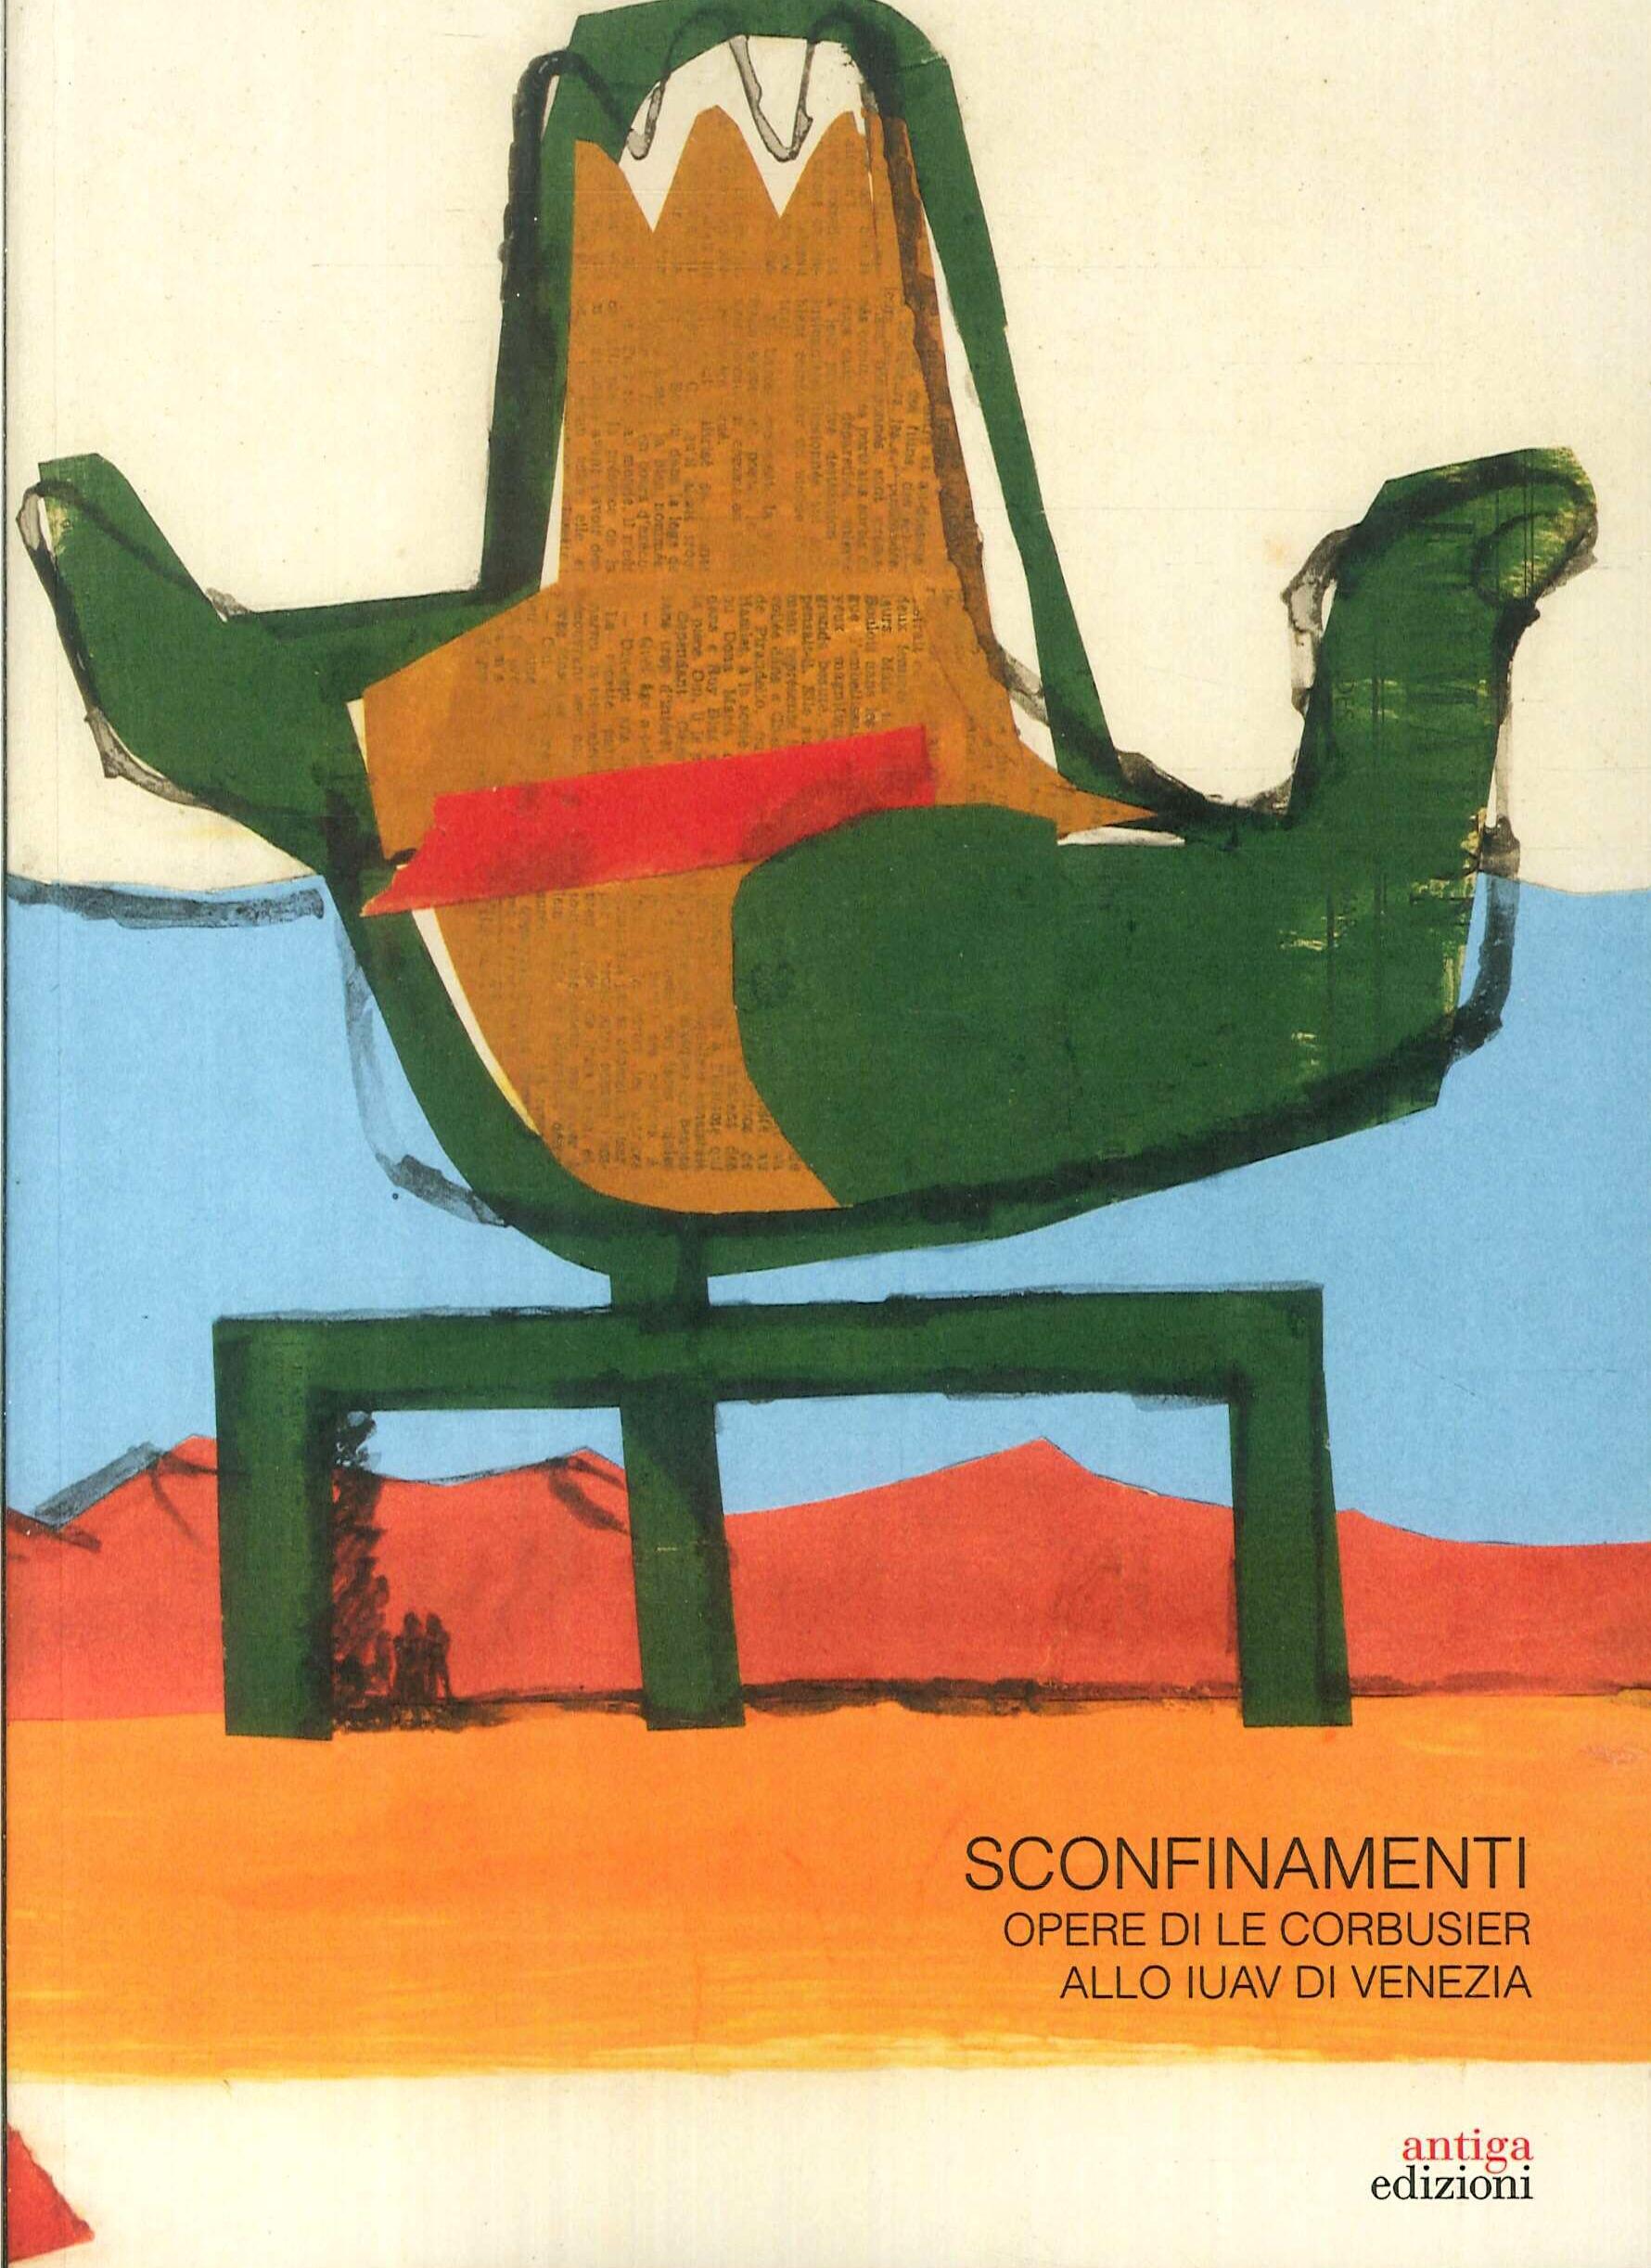 Sconfinamenti. Opere di Le Corbusier allo IUAV di Venezia.